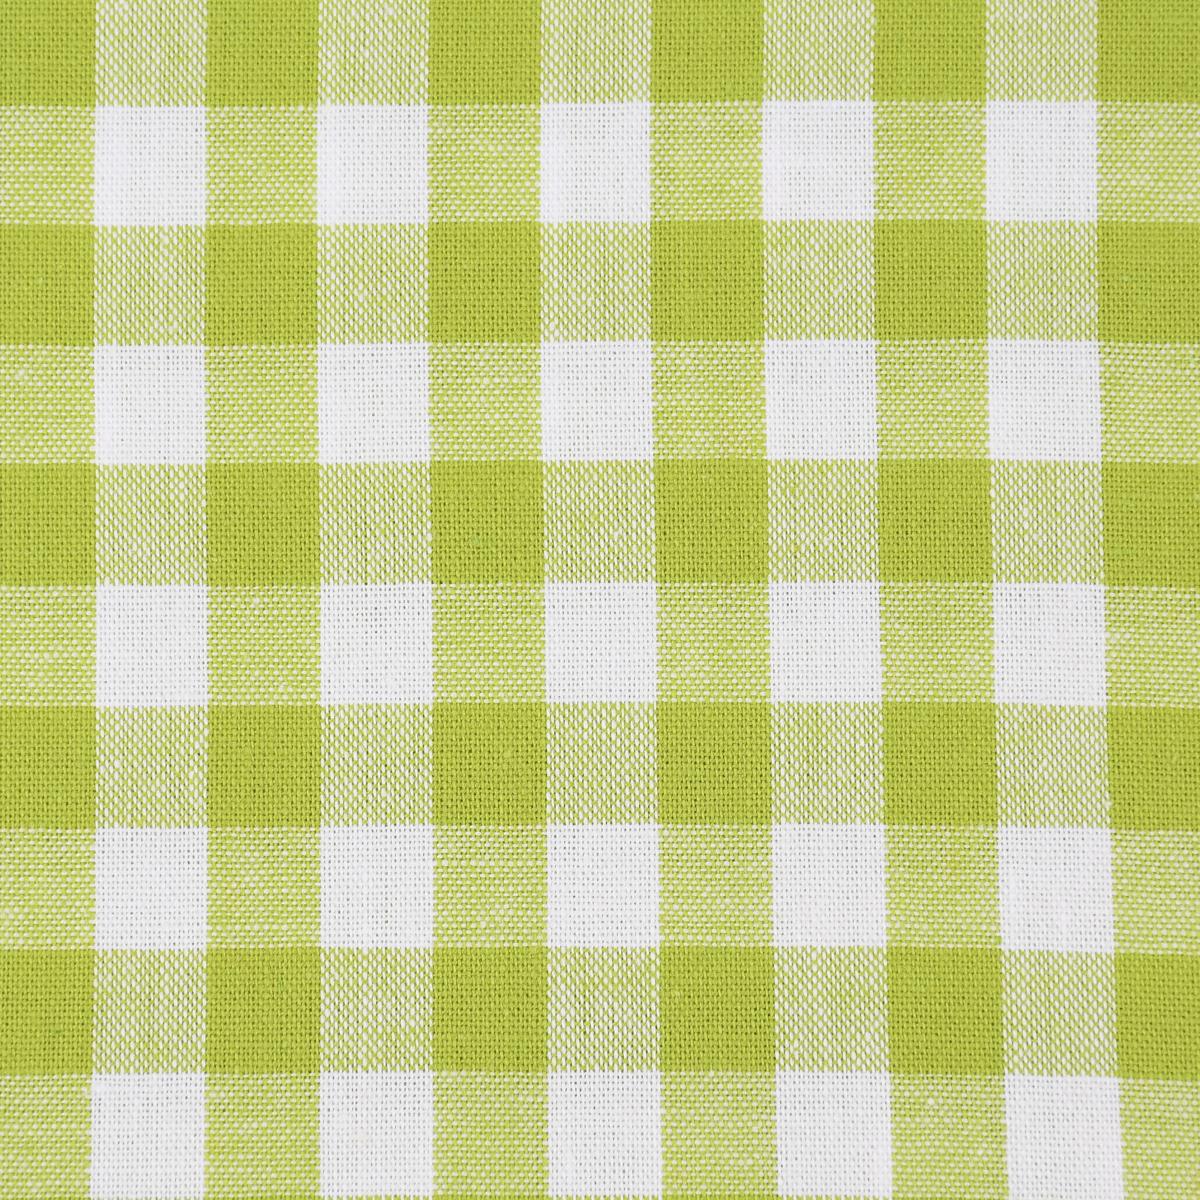 Baumwollstoff kariert weiß apfelgrün 9mm